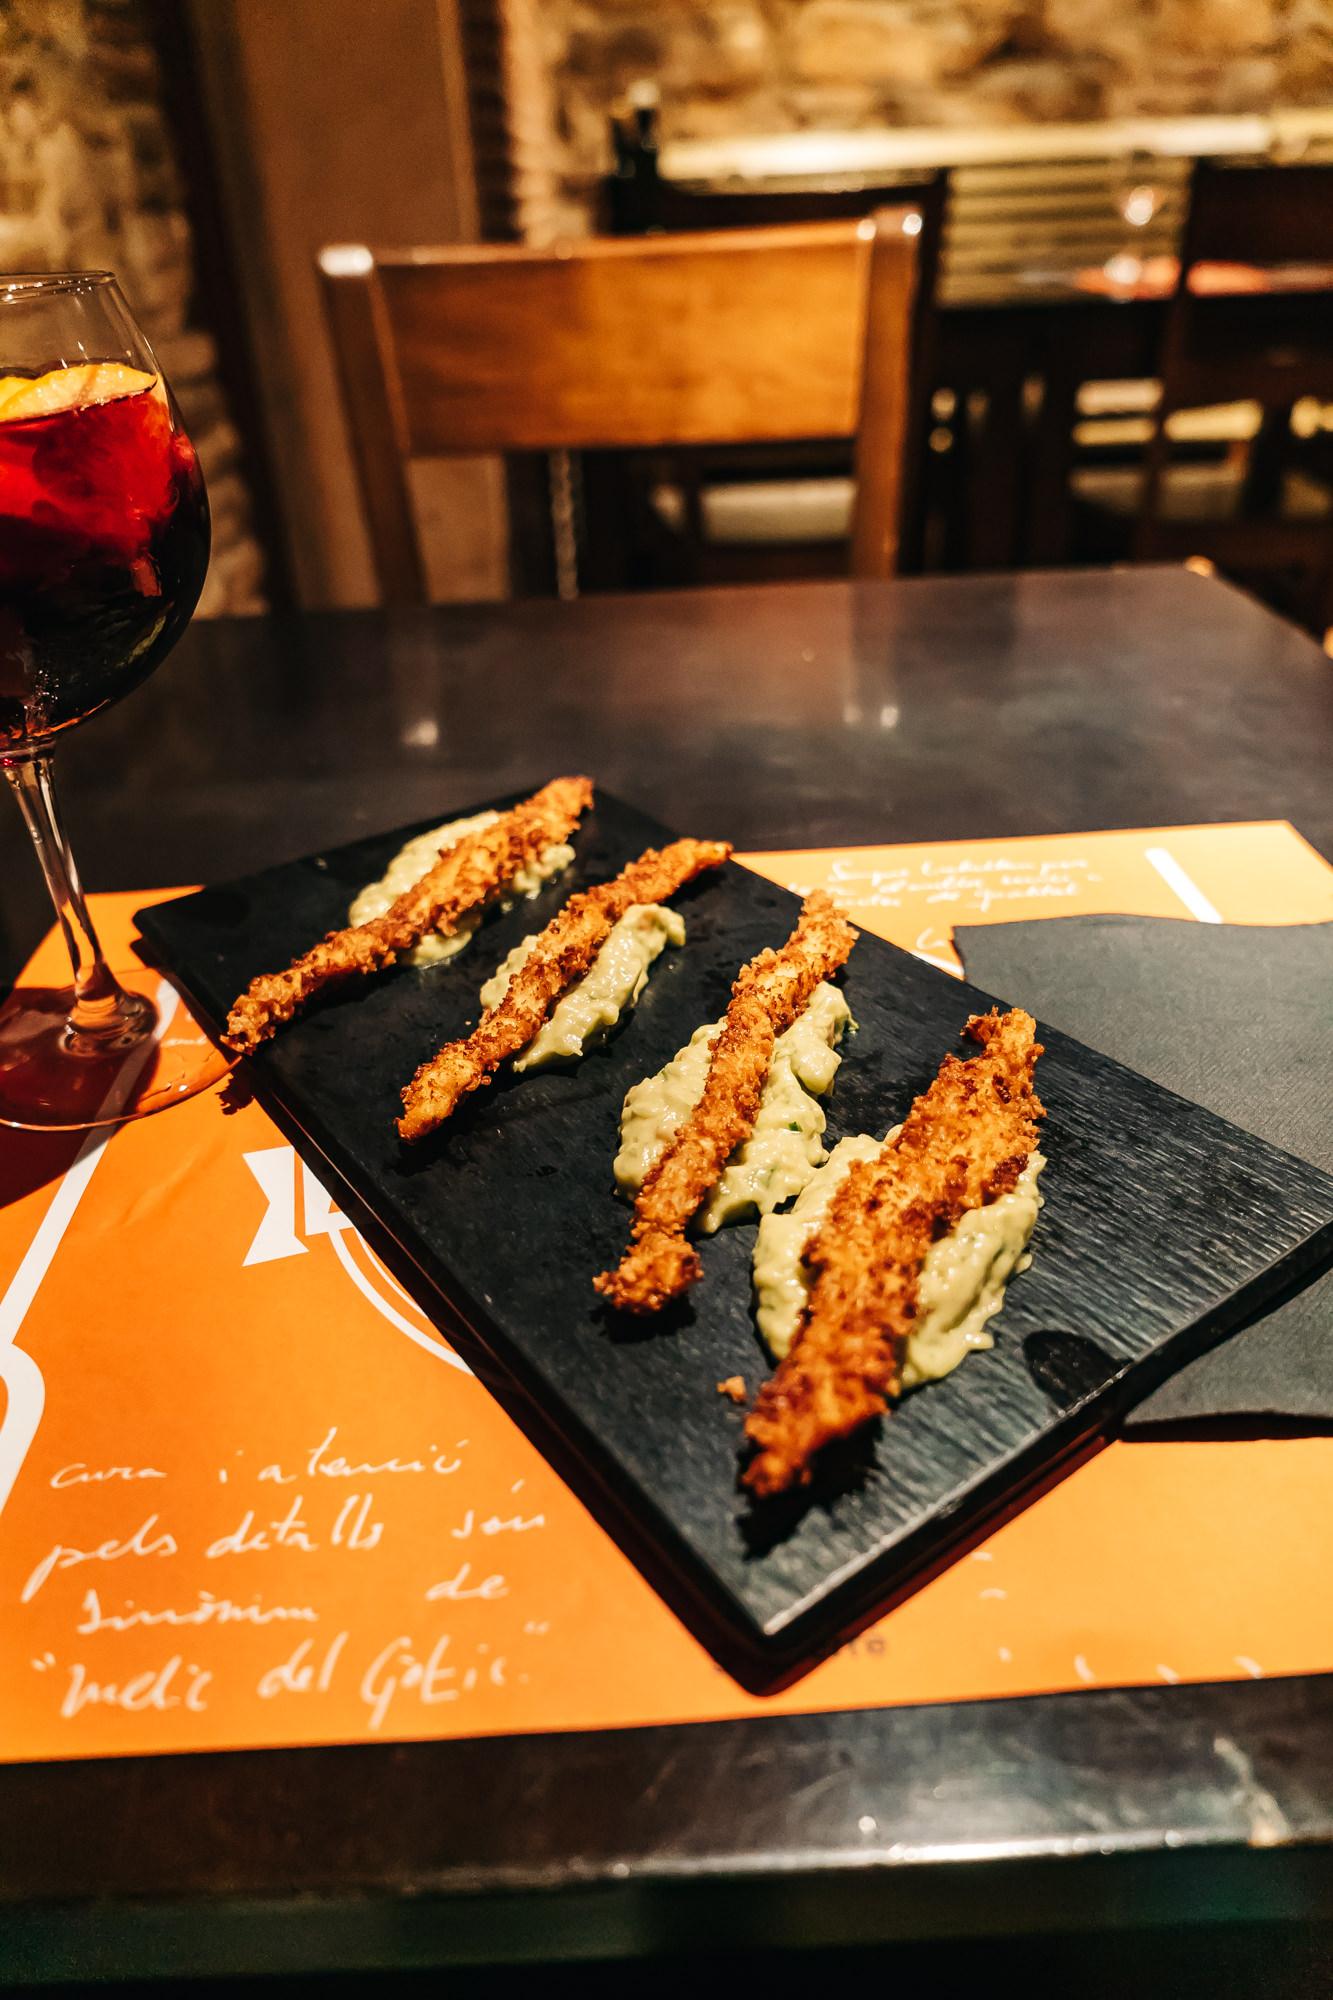 Panko Chicken with Guacamole at Melic Del Gotic